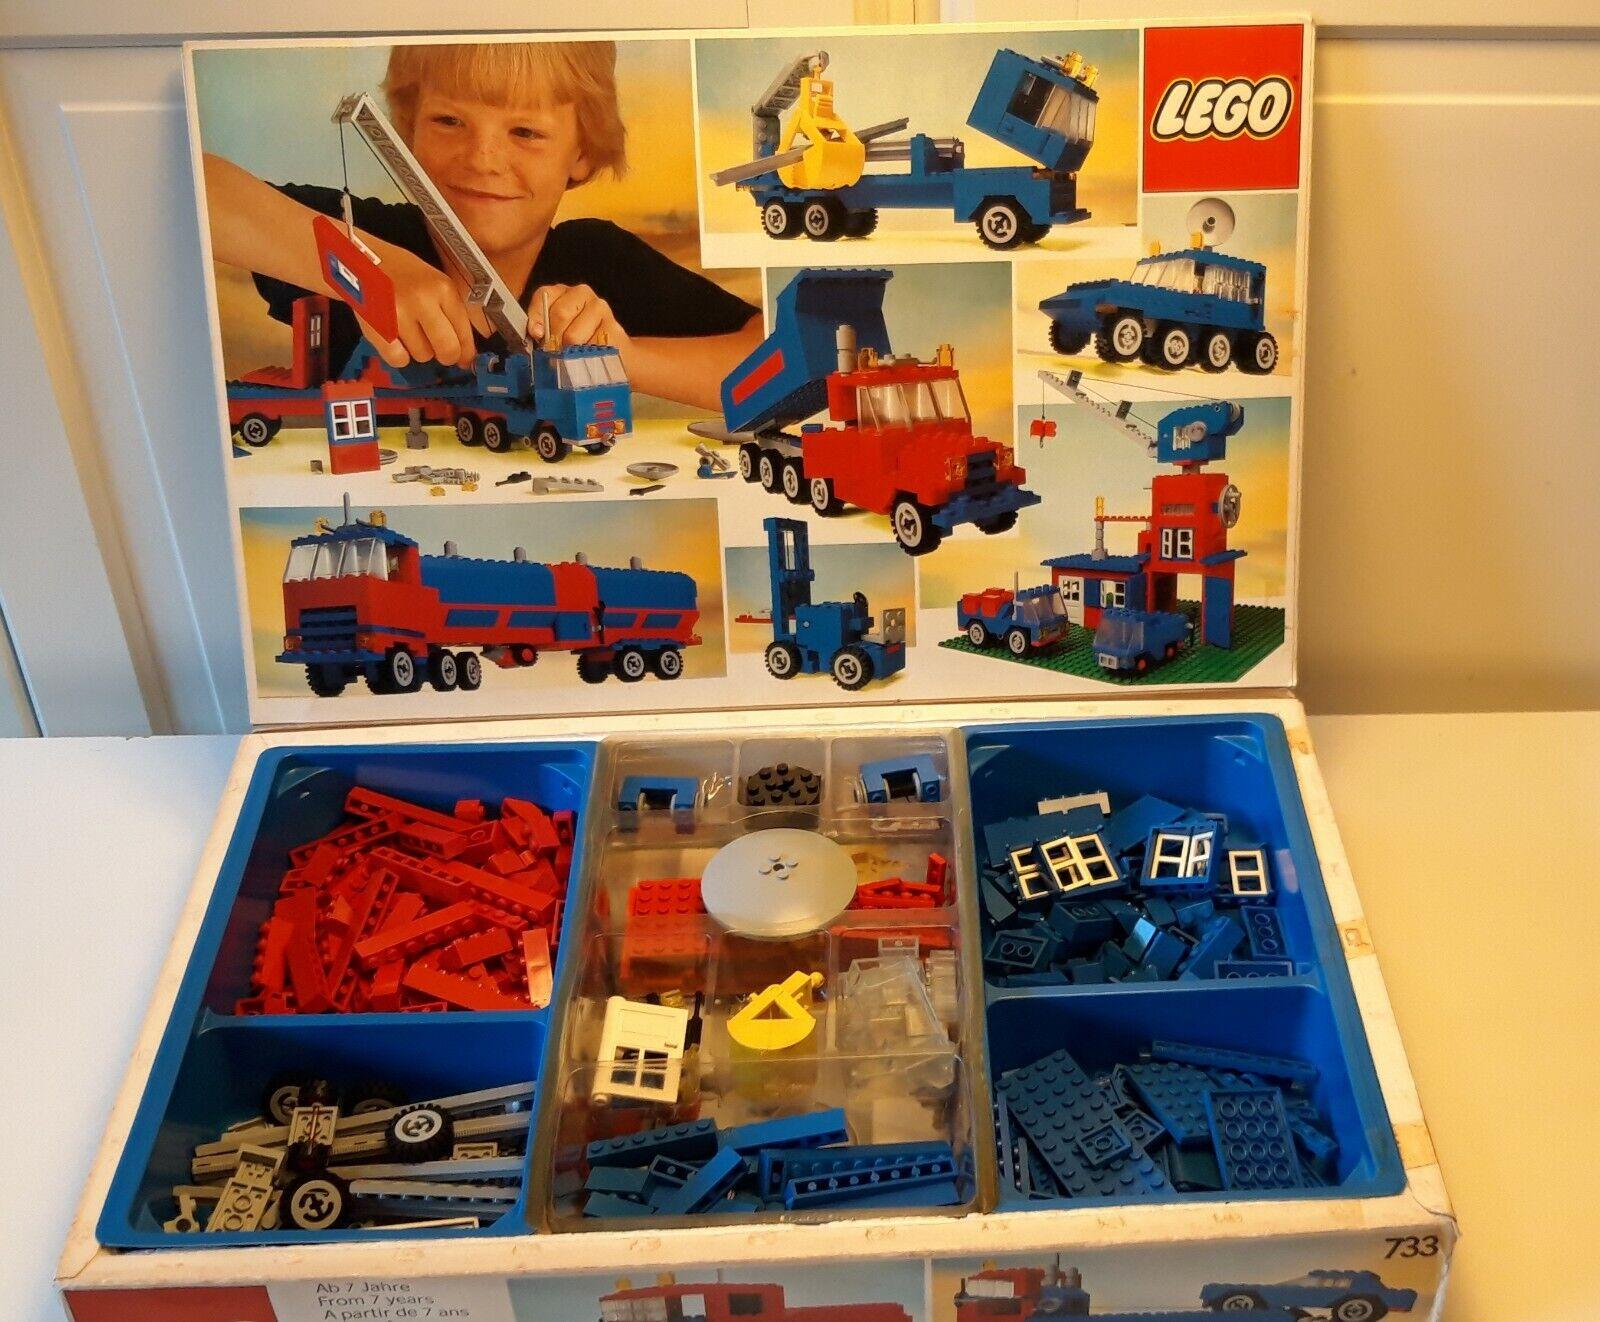 Lego 733 Basic Set, vintage (1980),100% box intructions.